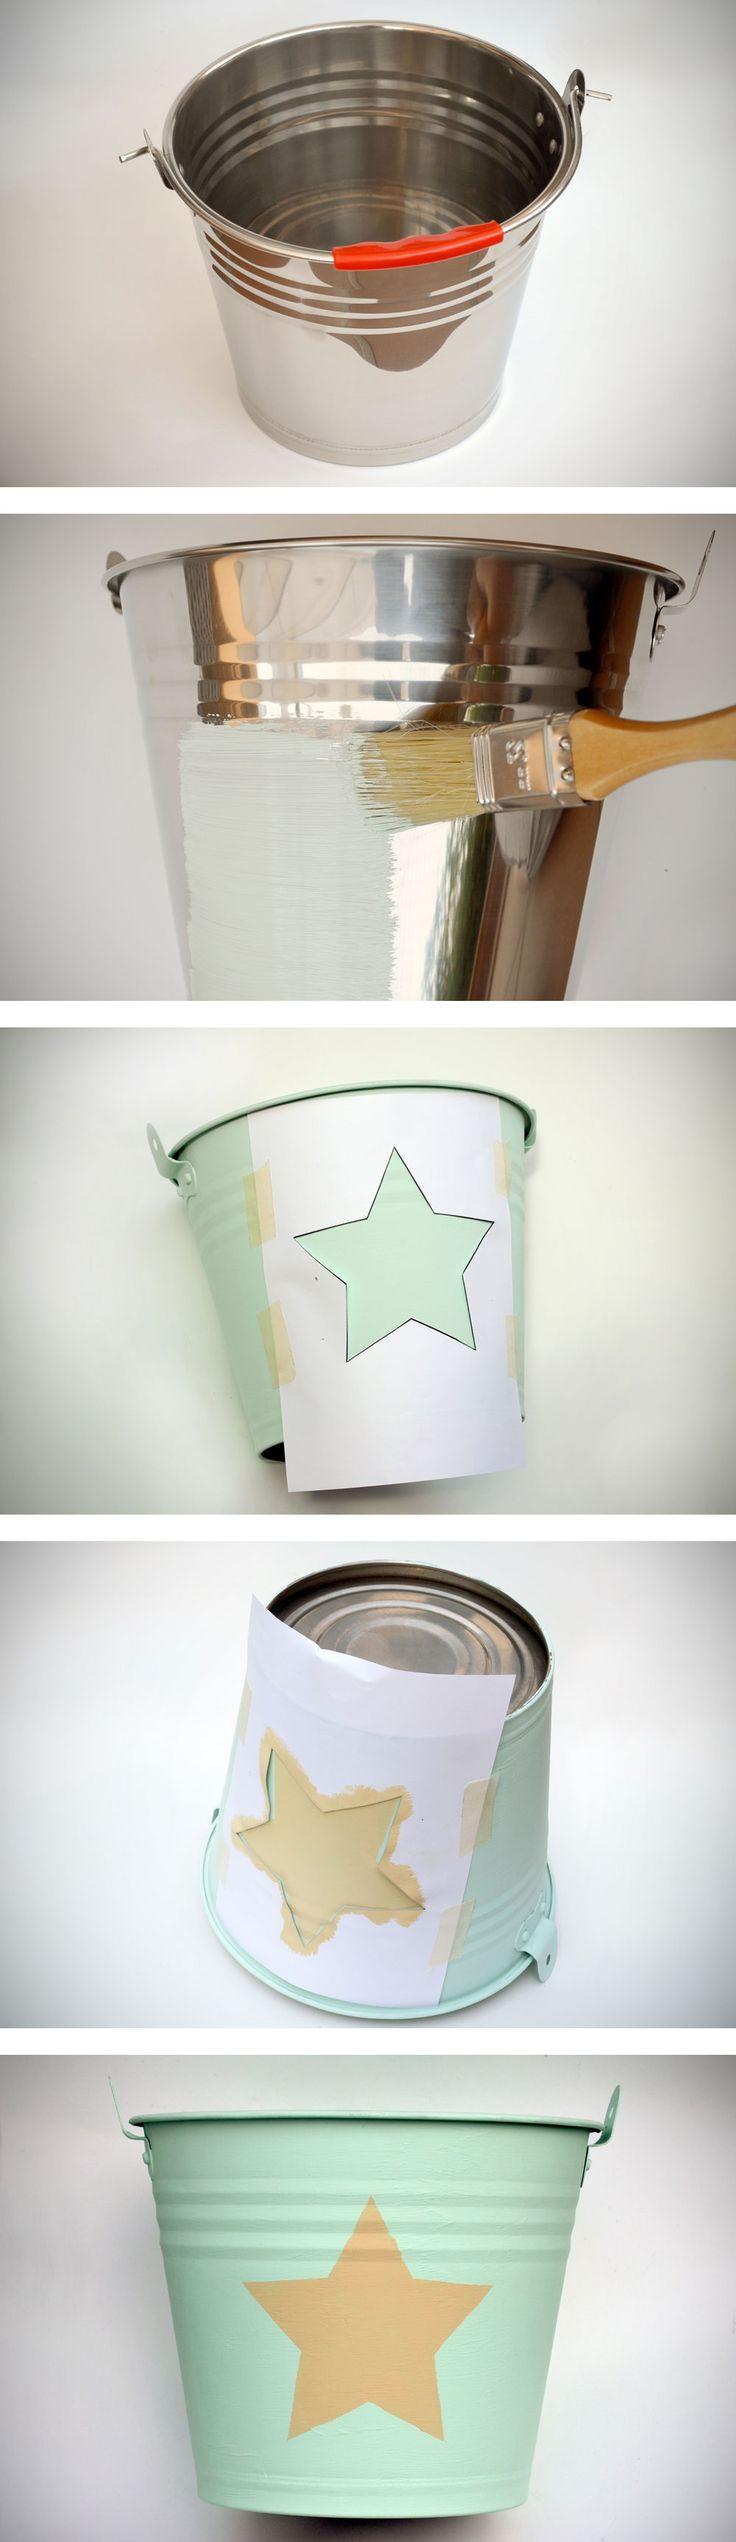 DIY. Cubo de metal con chalk paint y stencil de estrella.